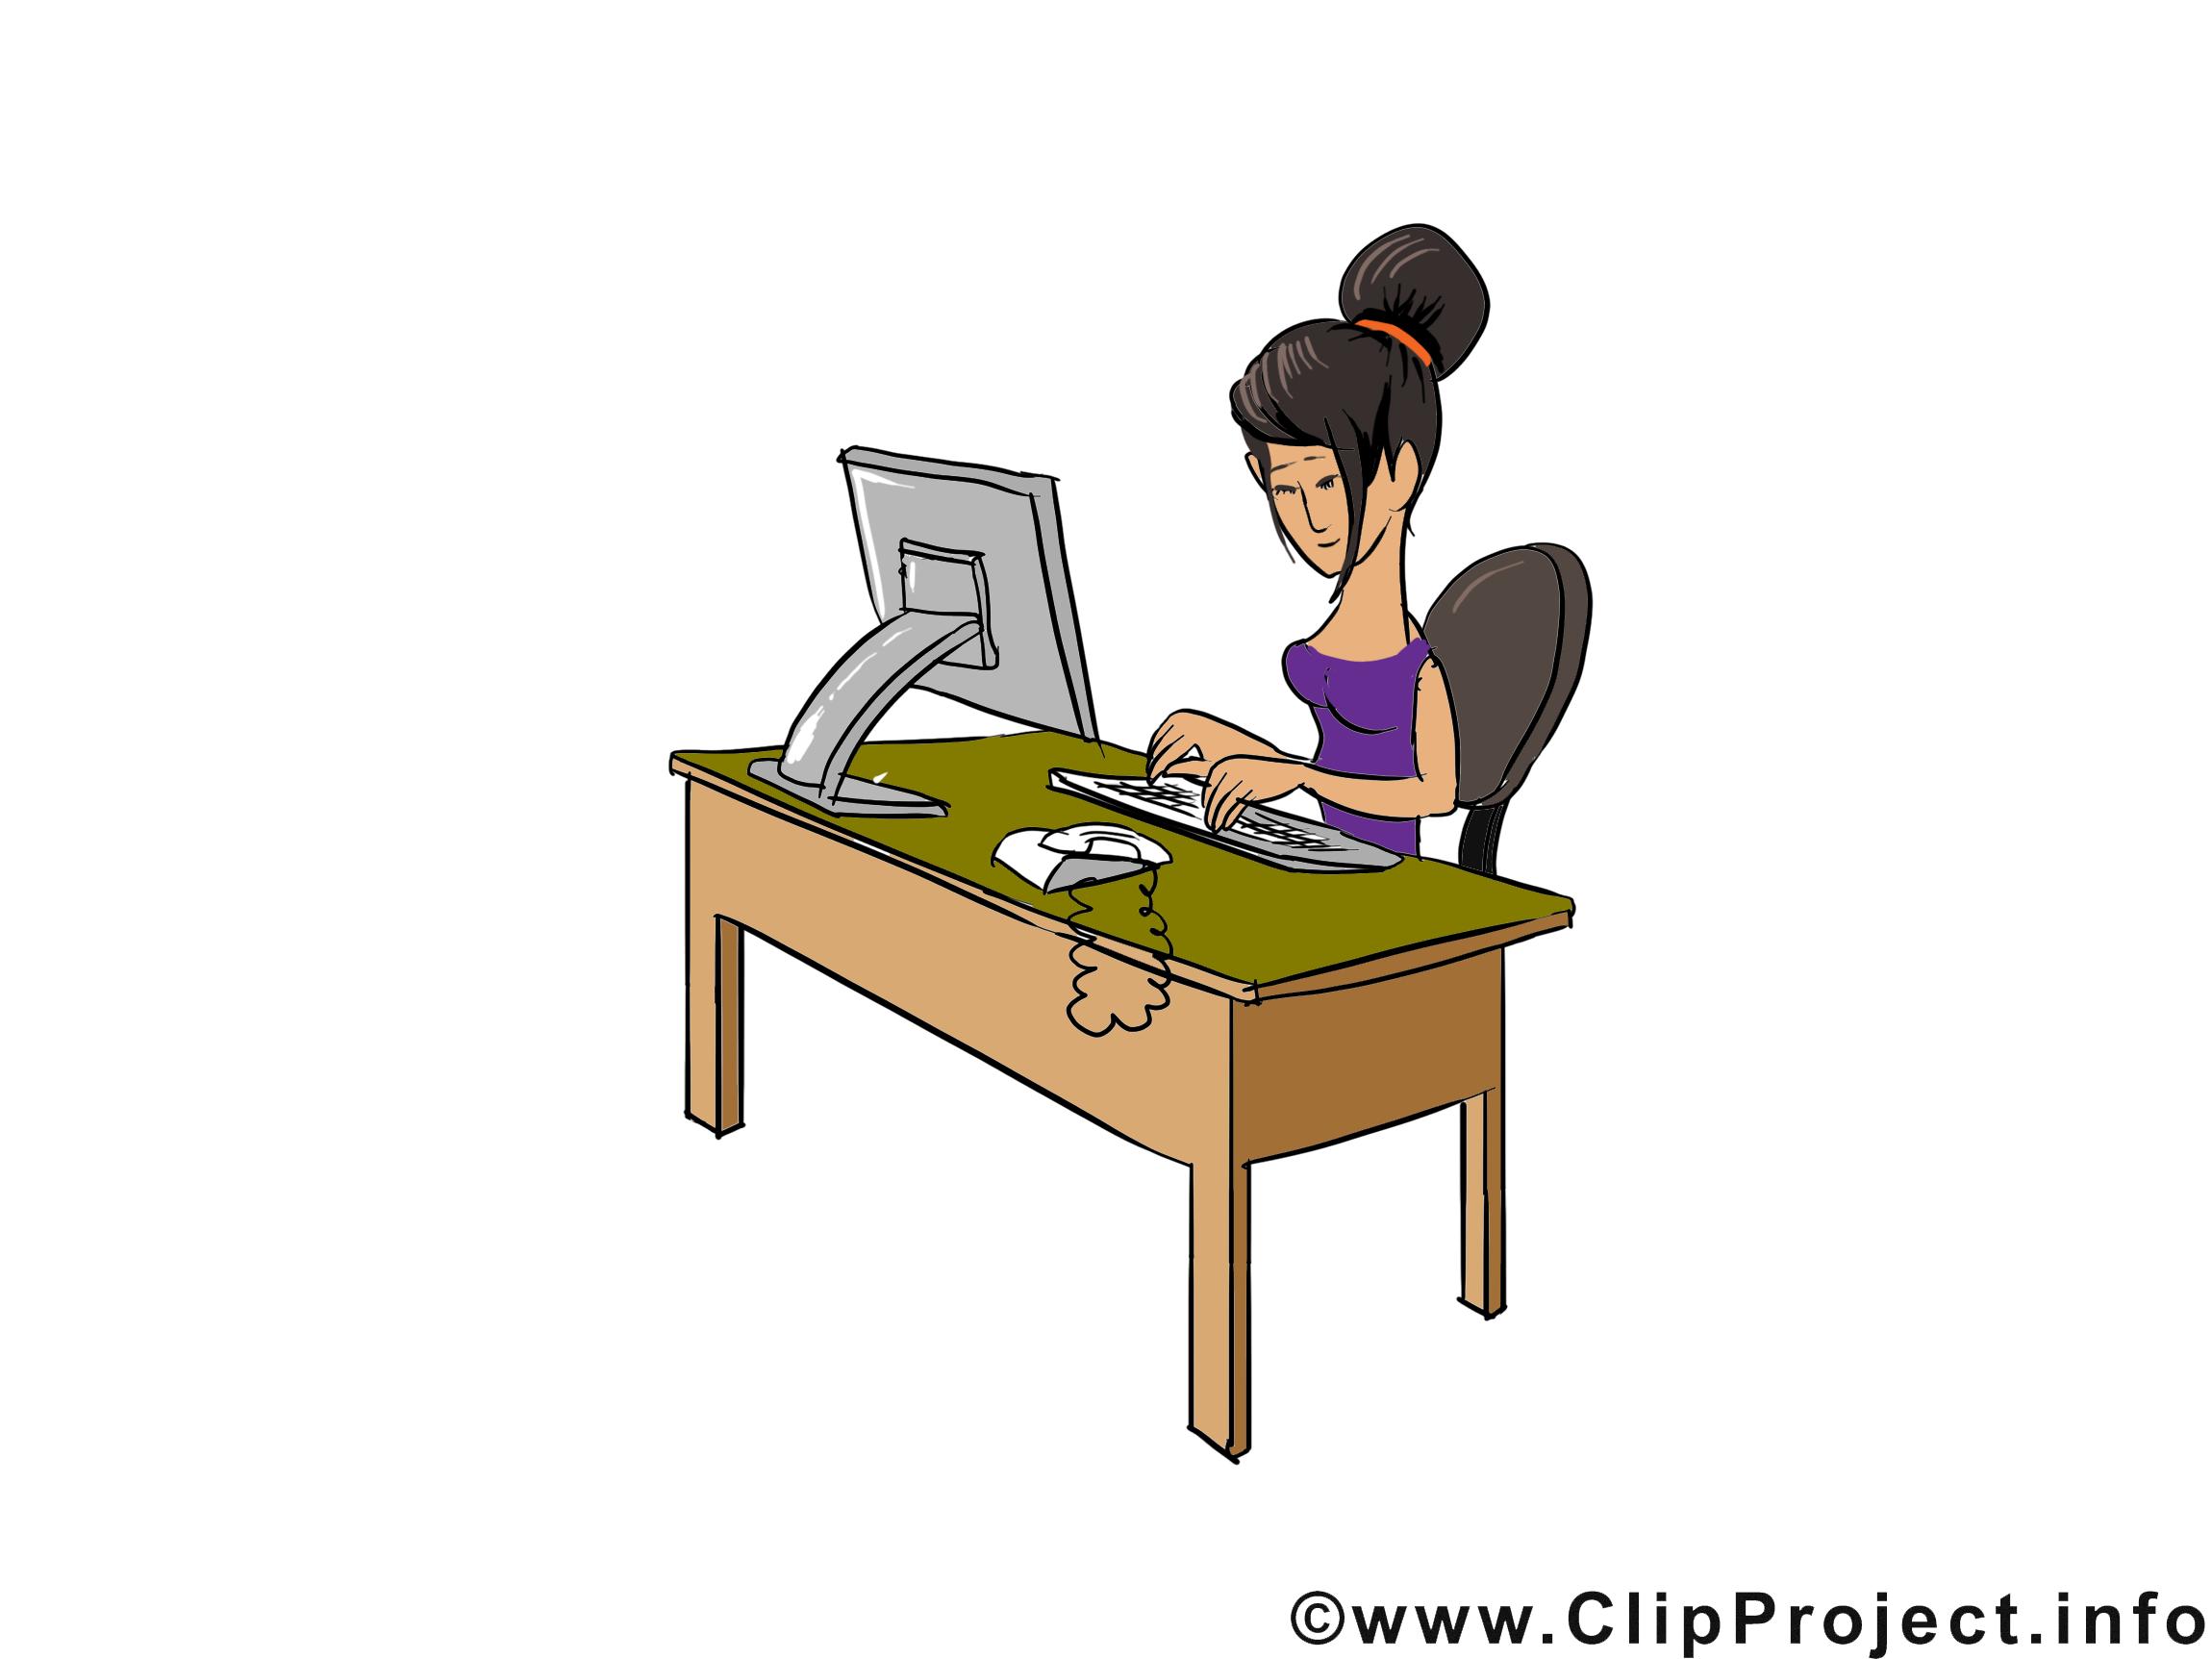 Secrétaire dessins gratuits - Métier clipart gratuit